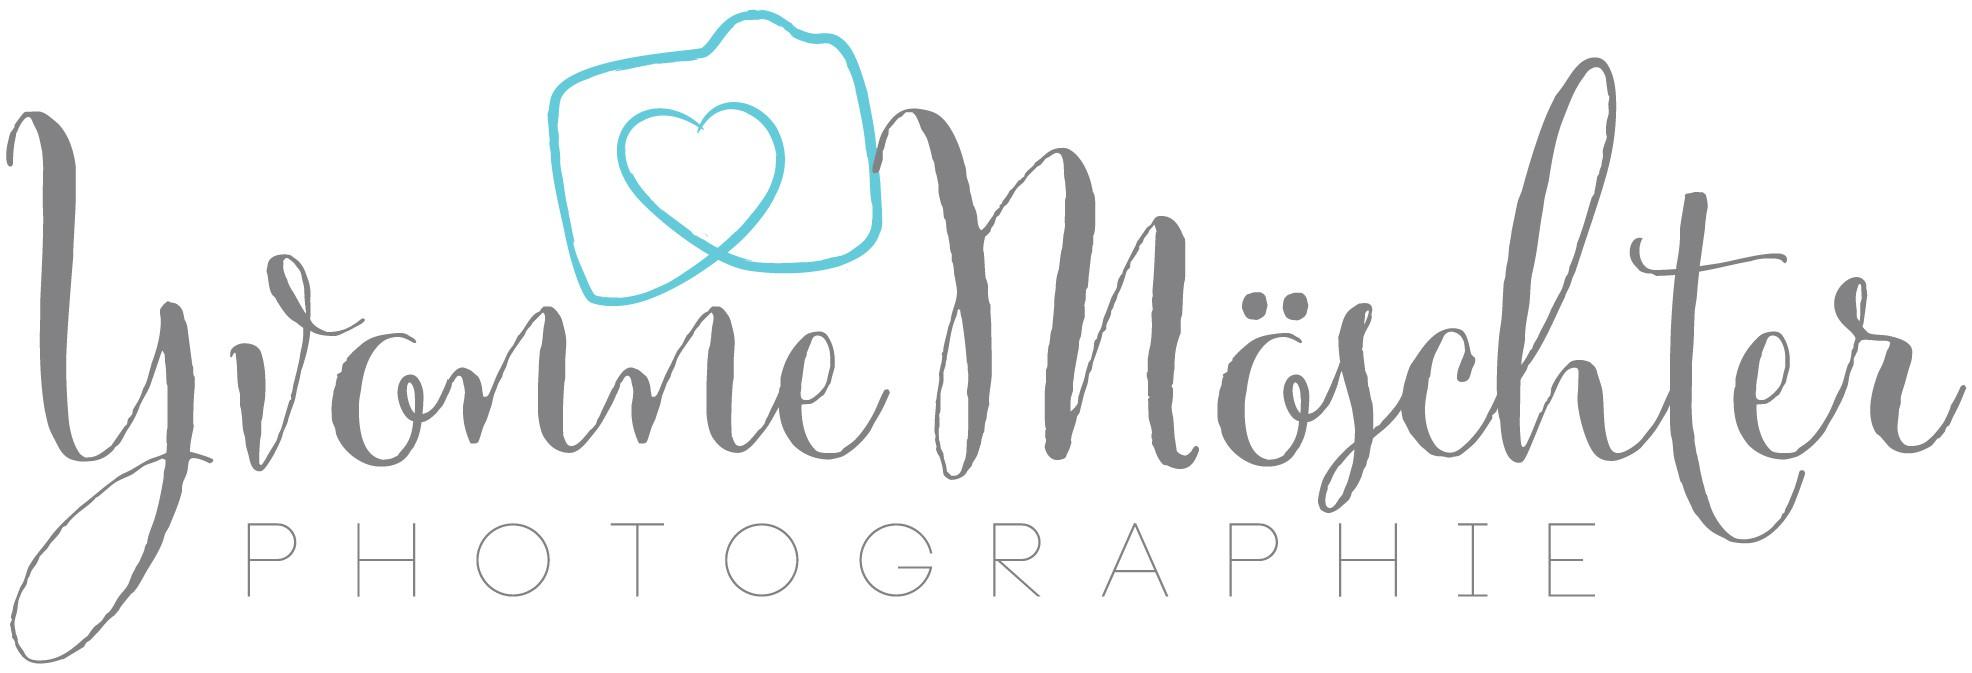 Fotografin aus Leidenschaft sucht Logo mit Leidenschaft!